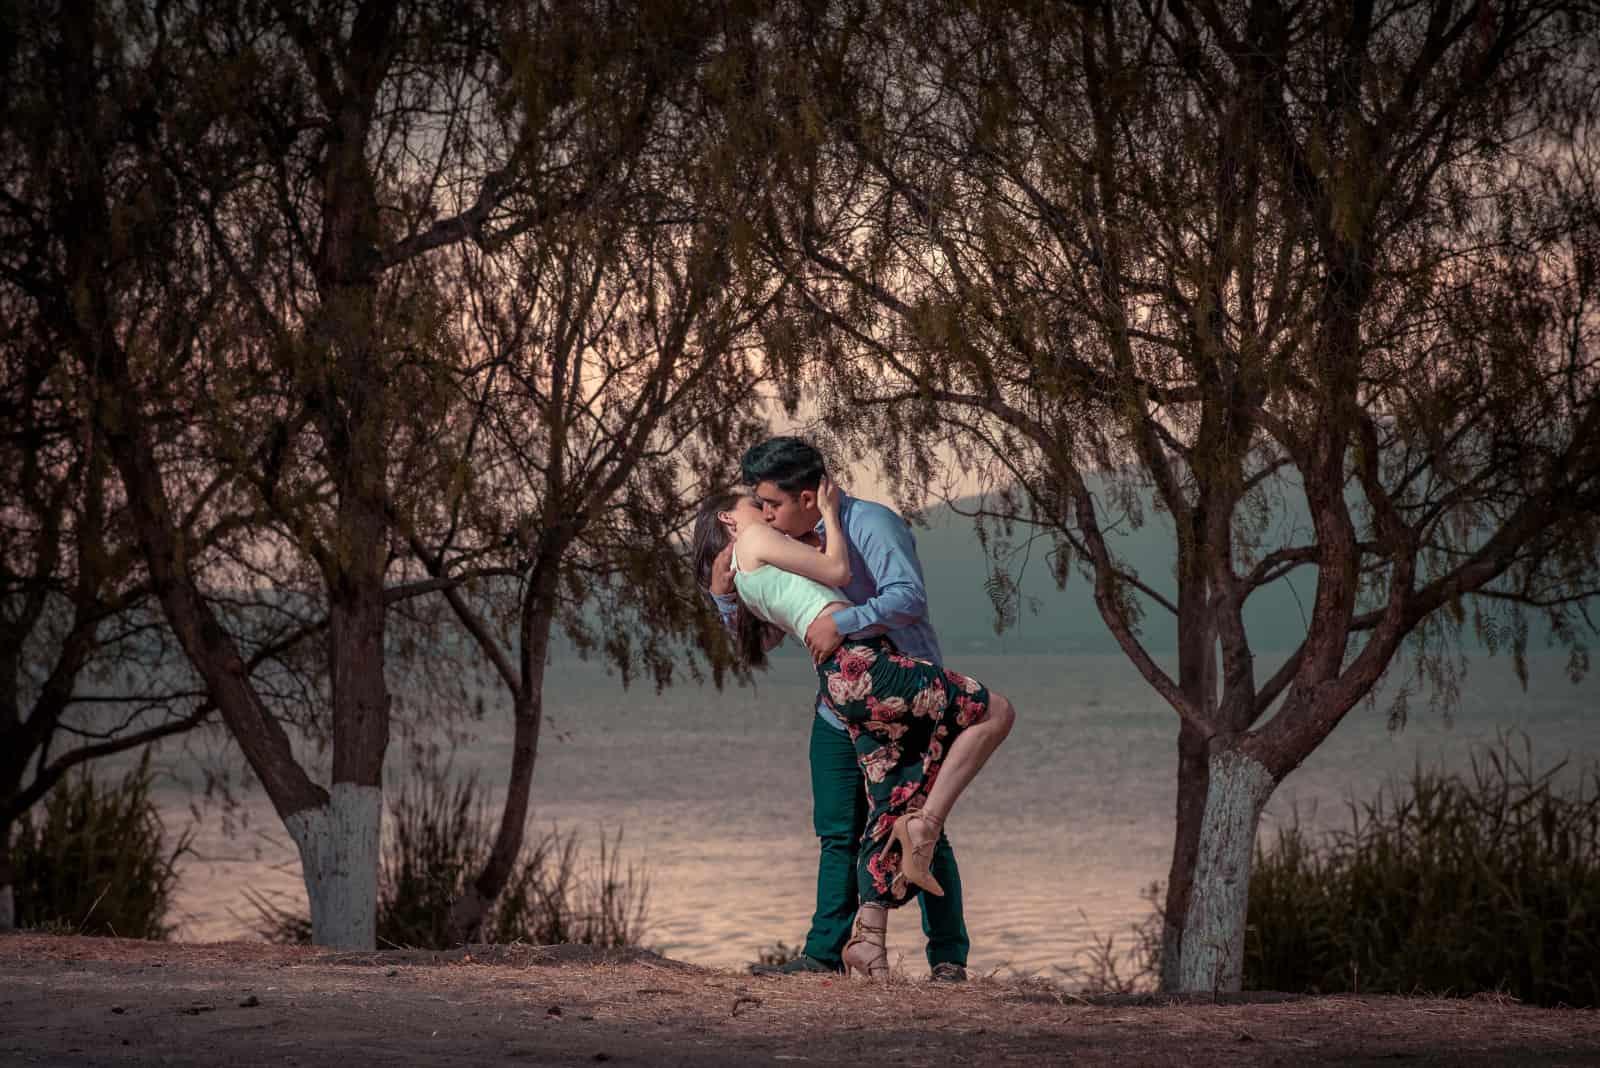 homme et femme s'embrassant près d'un arbre